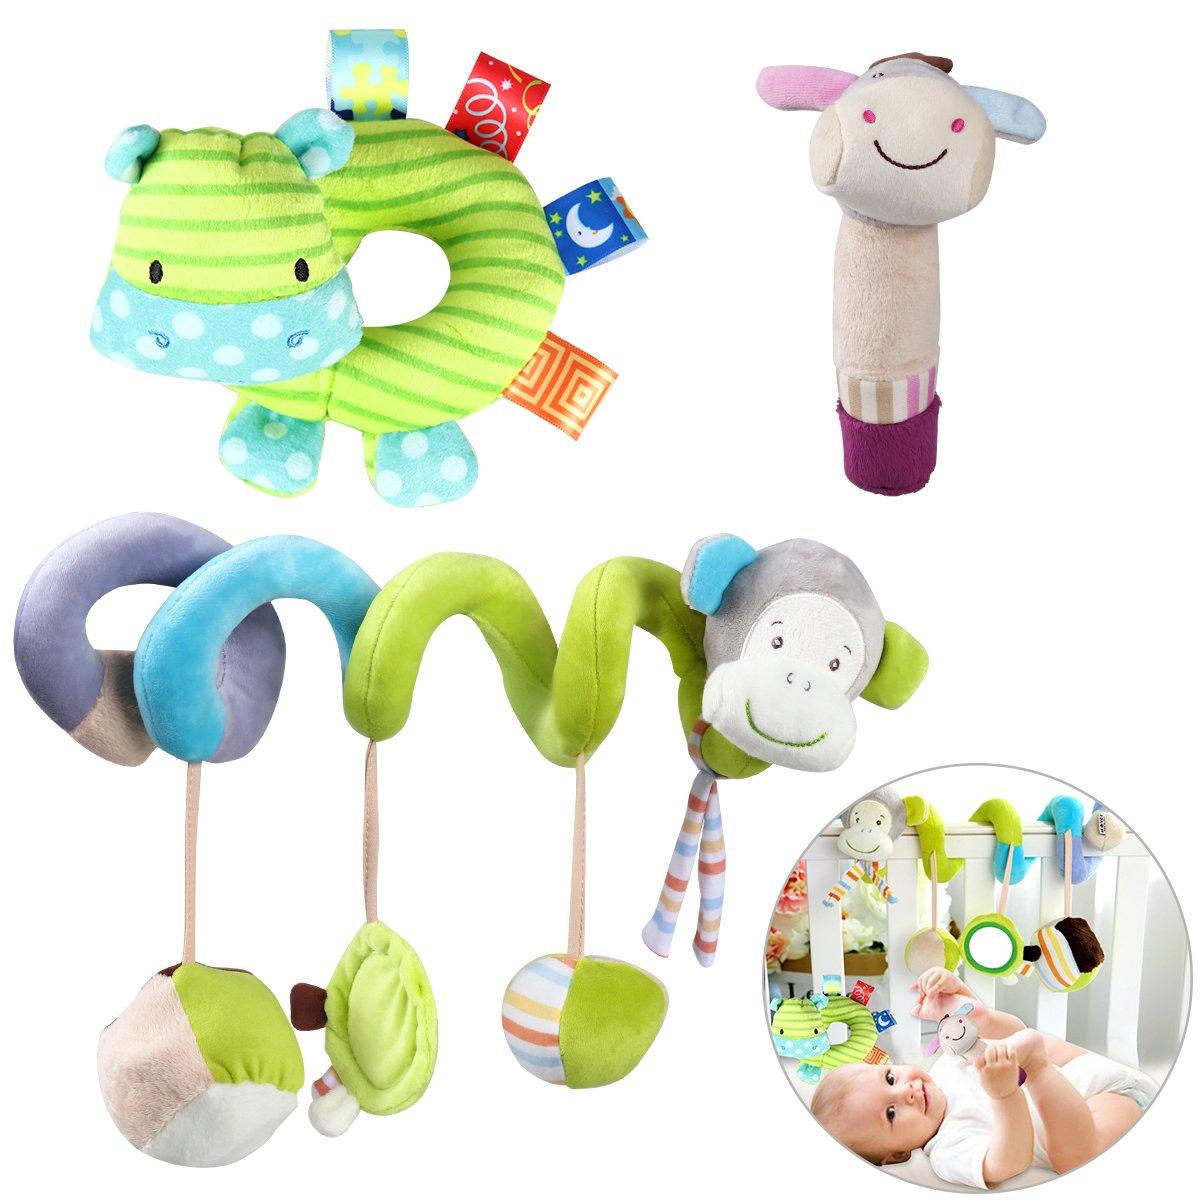 YeahiBaby 3pcs Bébé Jouet Spirale Lit Poussette Hochet Jouets Animales Educatifs en Peluche Hanging Jouets Cadeaux(Singe)